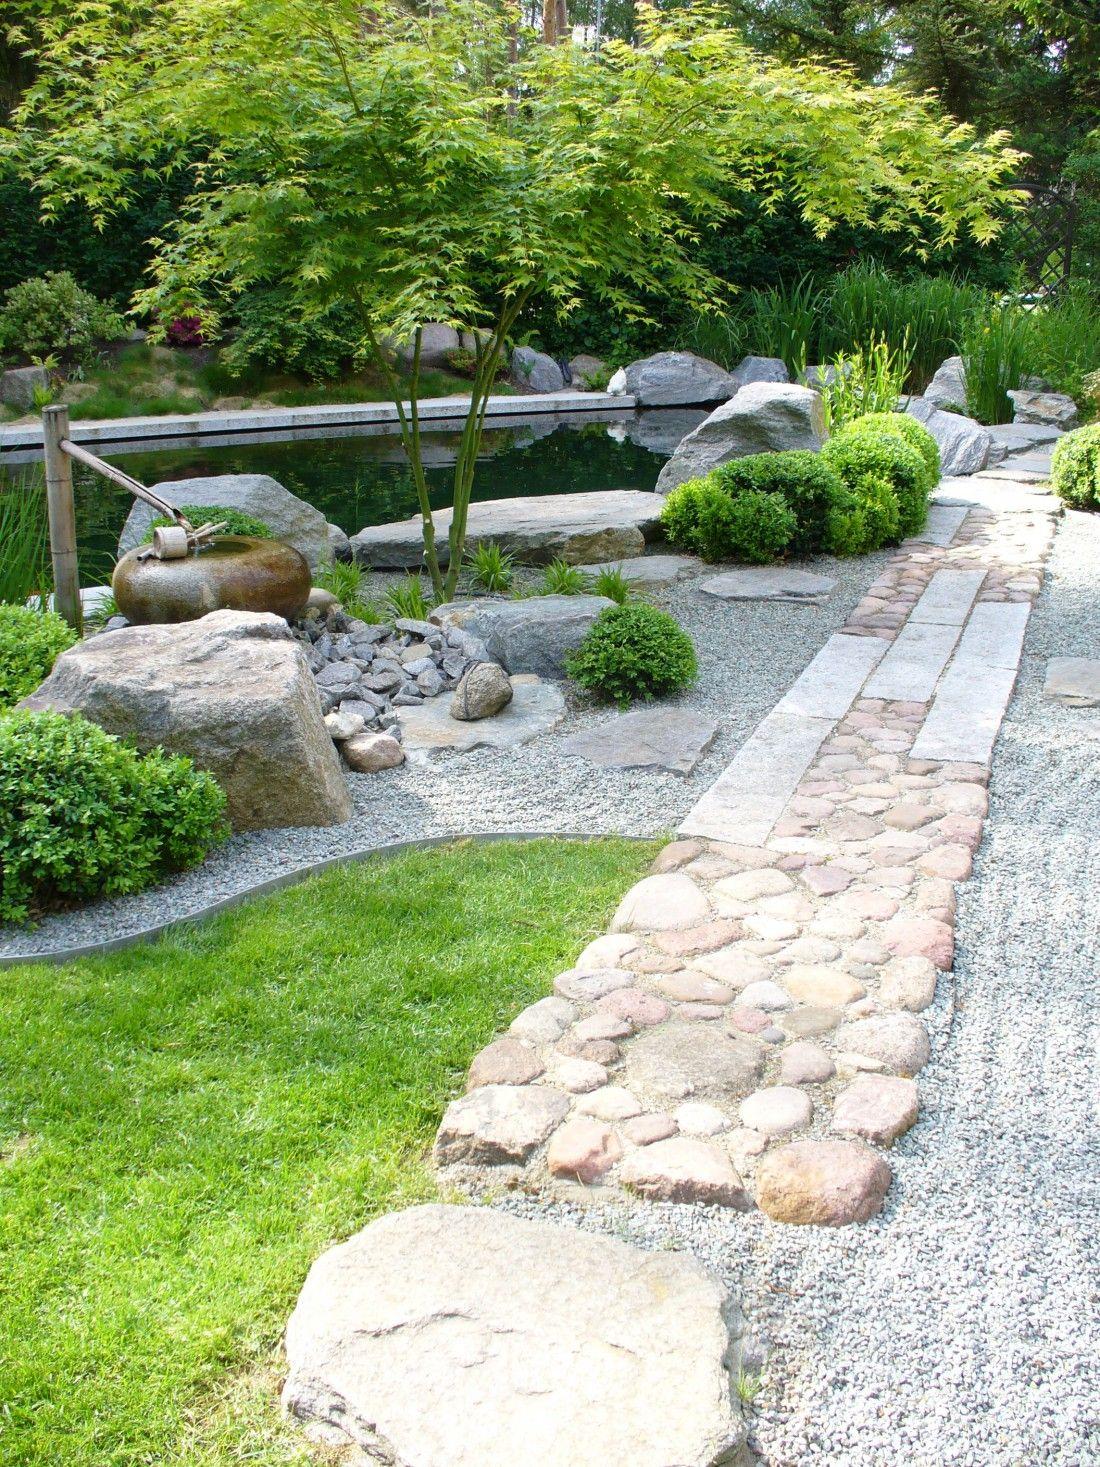 Gartengestaltung Ideen Bilder Steingarten Gartenplanung Beispiele Kostenlos Gartengestaltung  ~ 03104329_Gartengestaltung Ideen Kostenlos